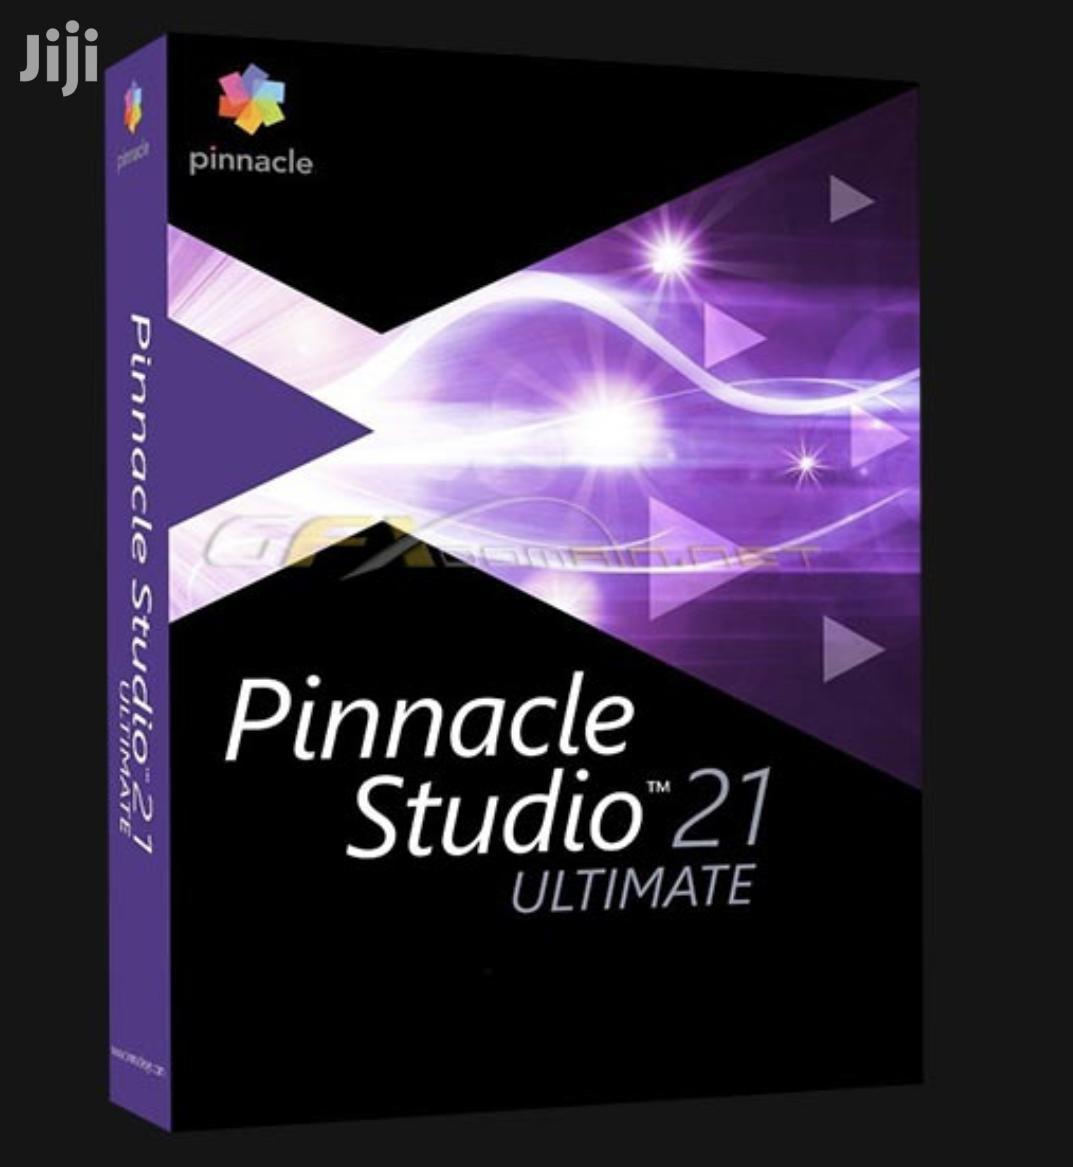 Pinnacle Studio Ultimate 21 Full Version